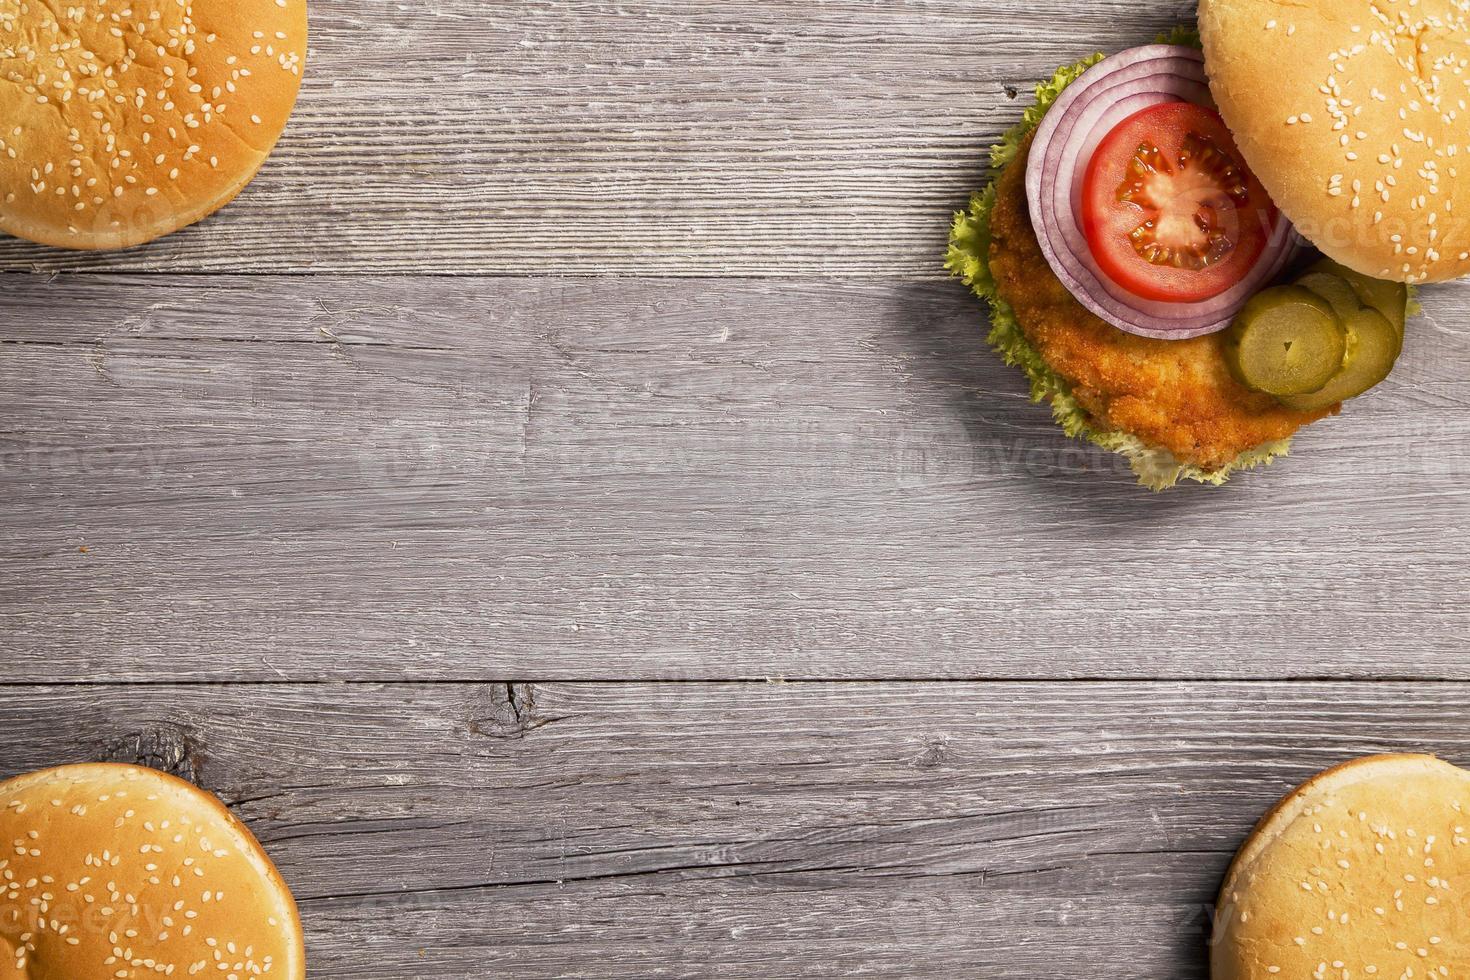 hambúrguer de frango caseiro com alface, tomate e cebola foto